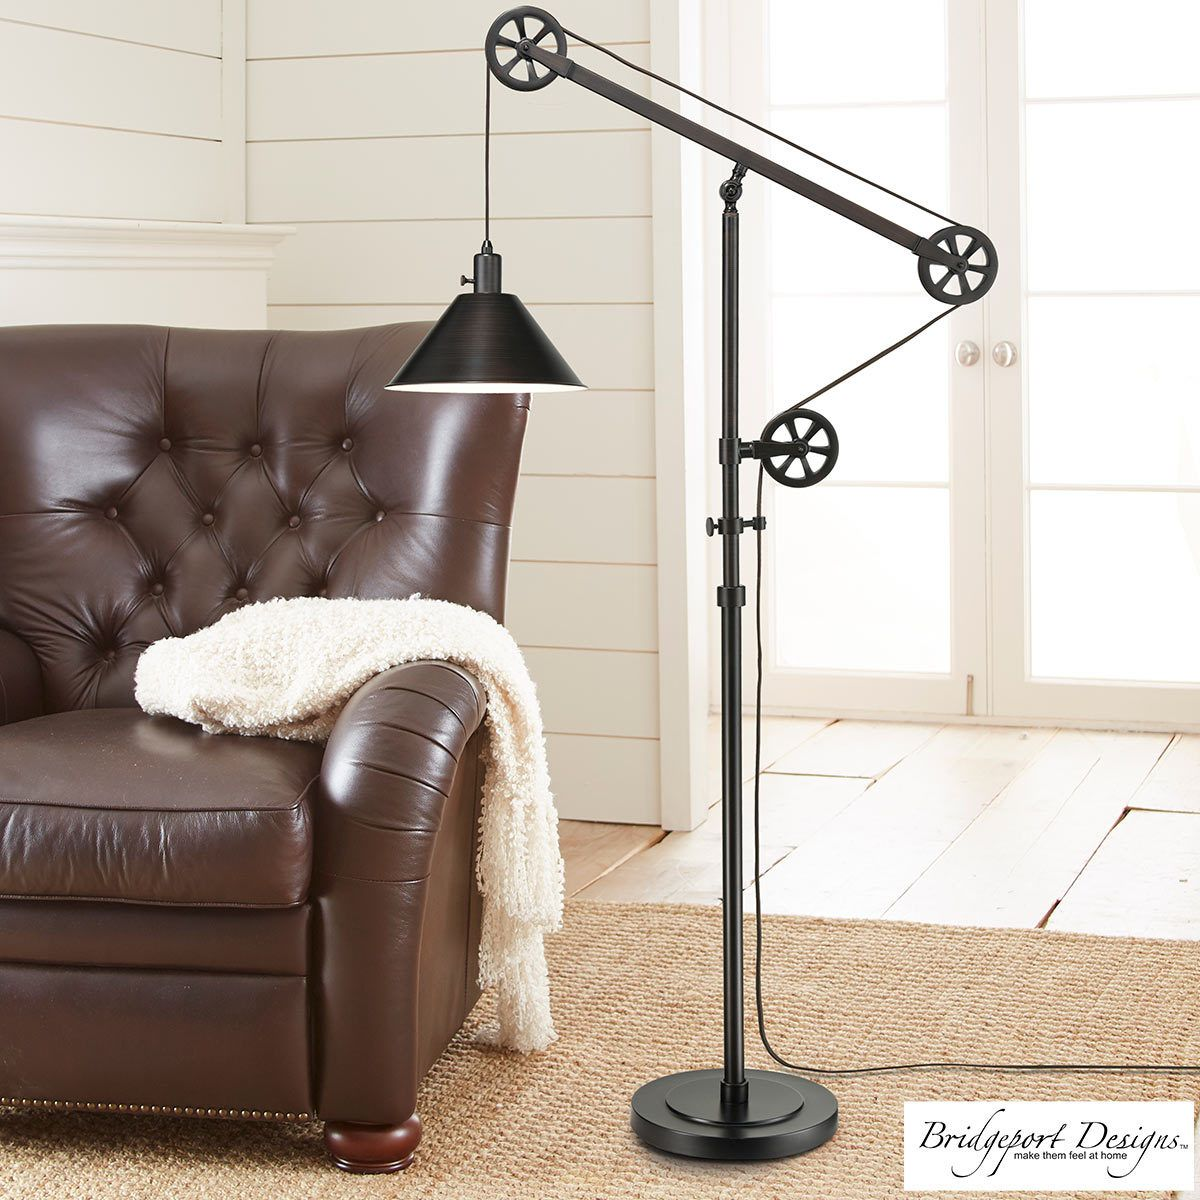 Bridgeport Designs Pulley Floor Lamp Costco Uk Pulley Floor Lamp Bronze Floor Lamp Industrial Floor Lamps